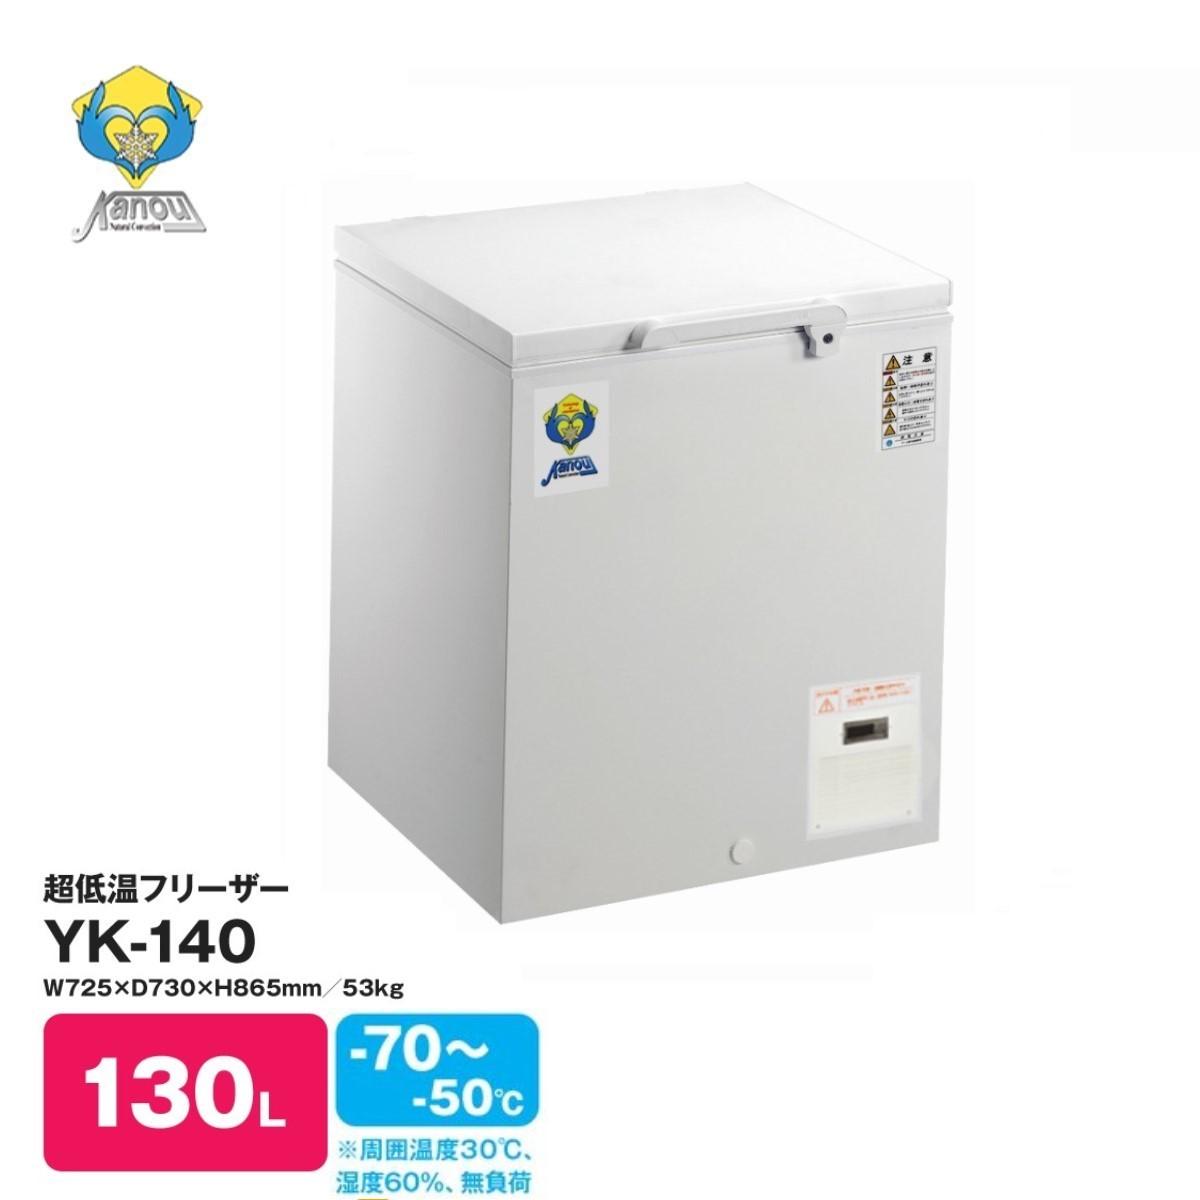 超低温フリーザー YK-140 送料無料